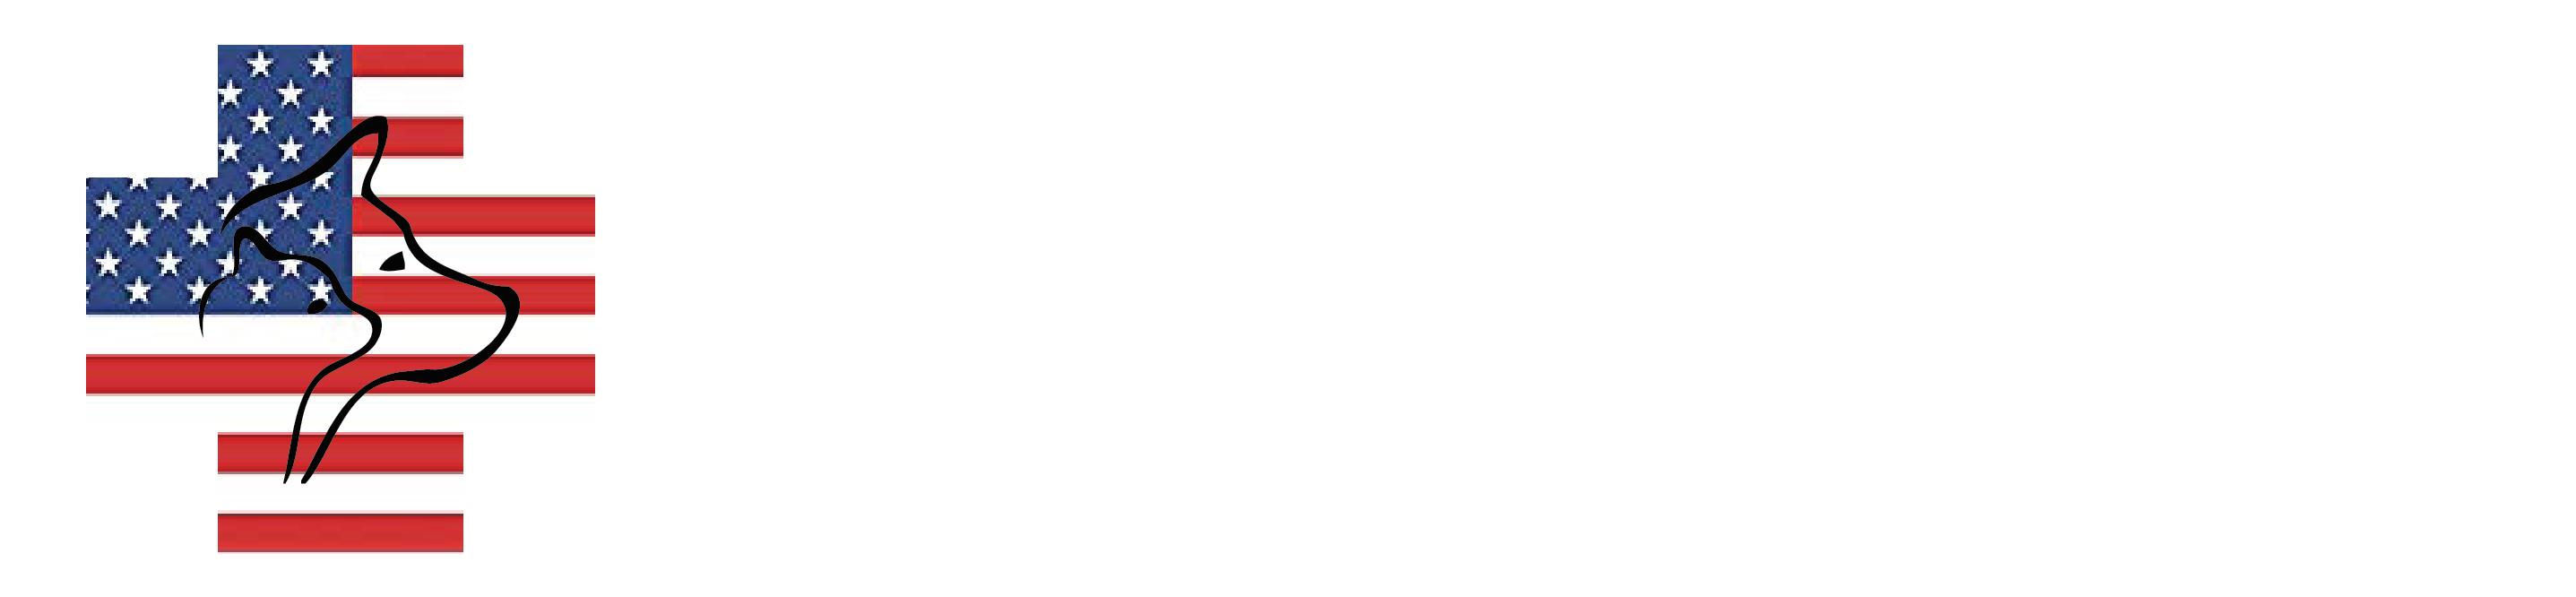 USServiceAnimals.org